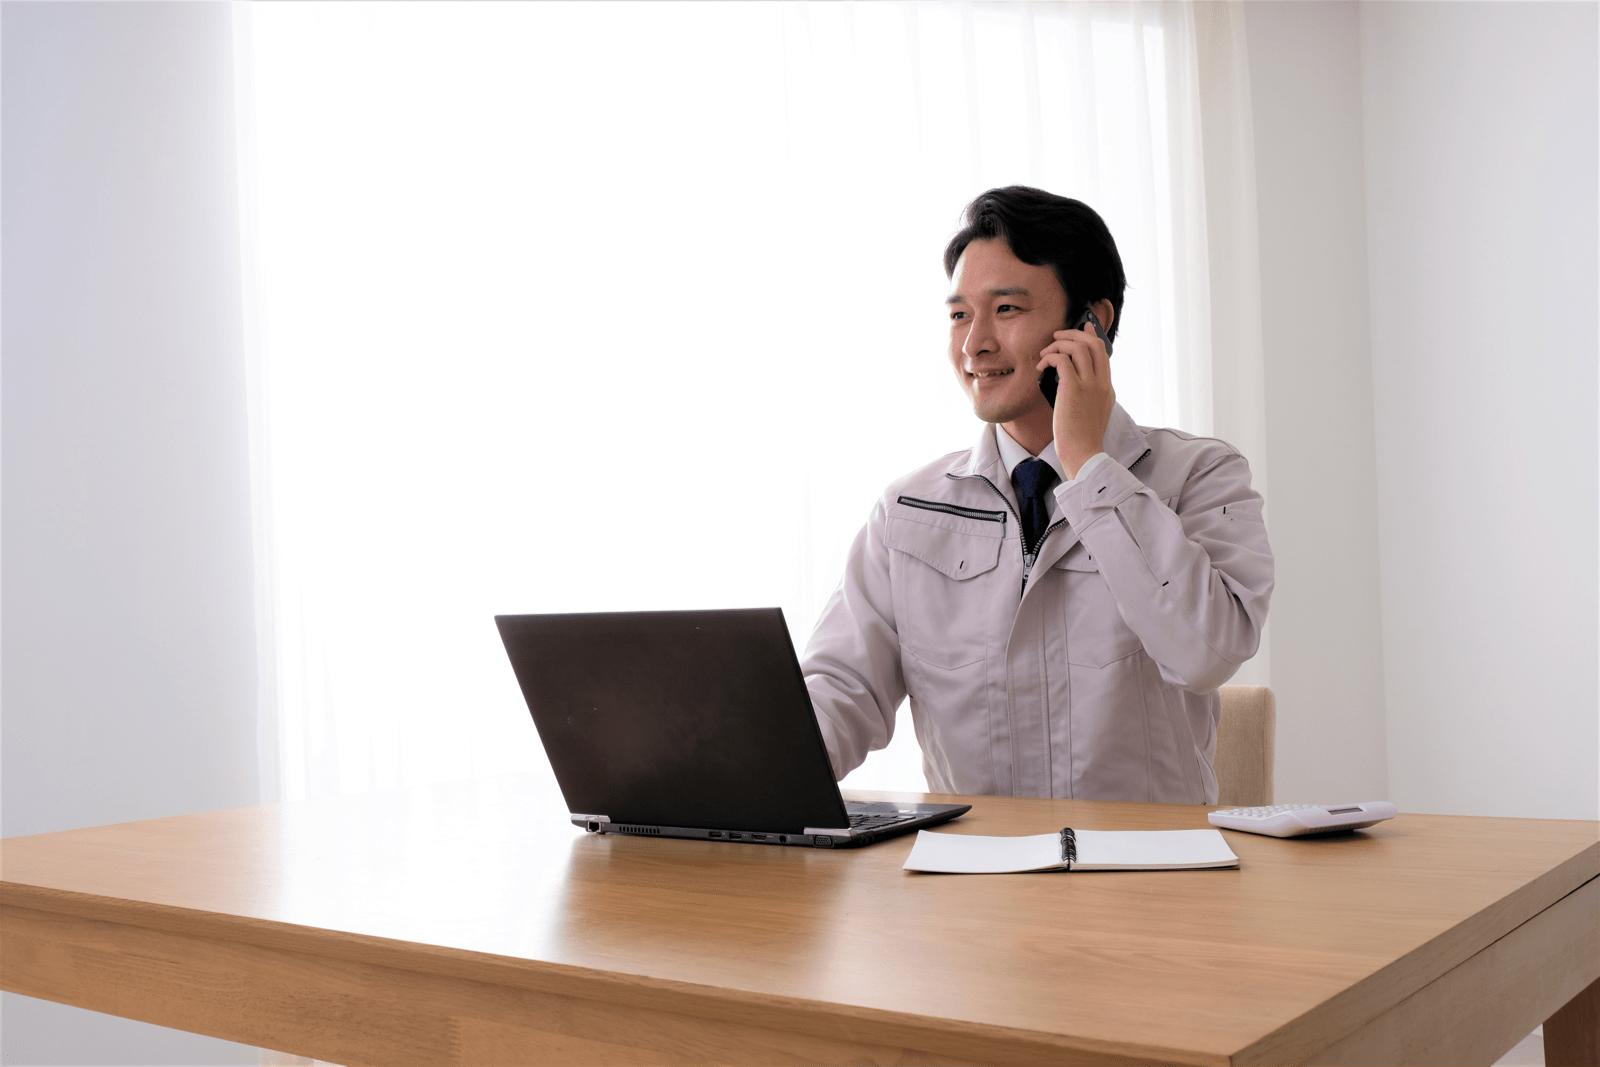 作業着を着た男性が、パソコンの前で電話をする様子